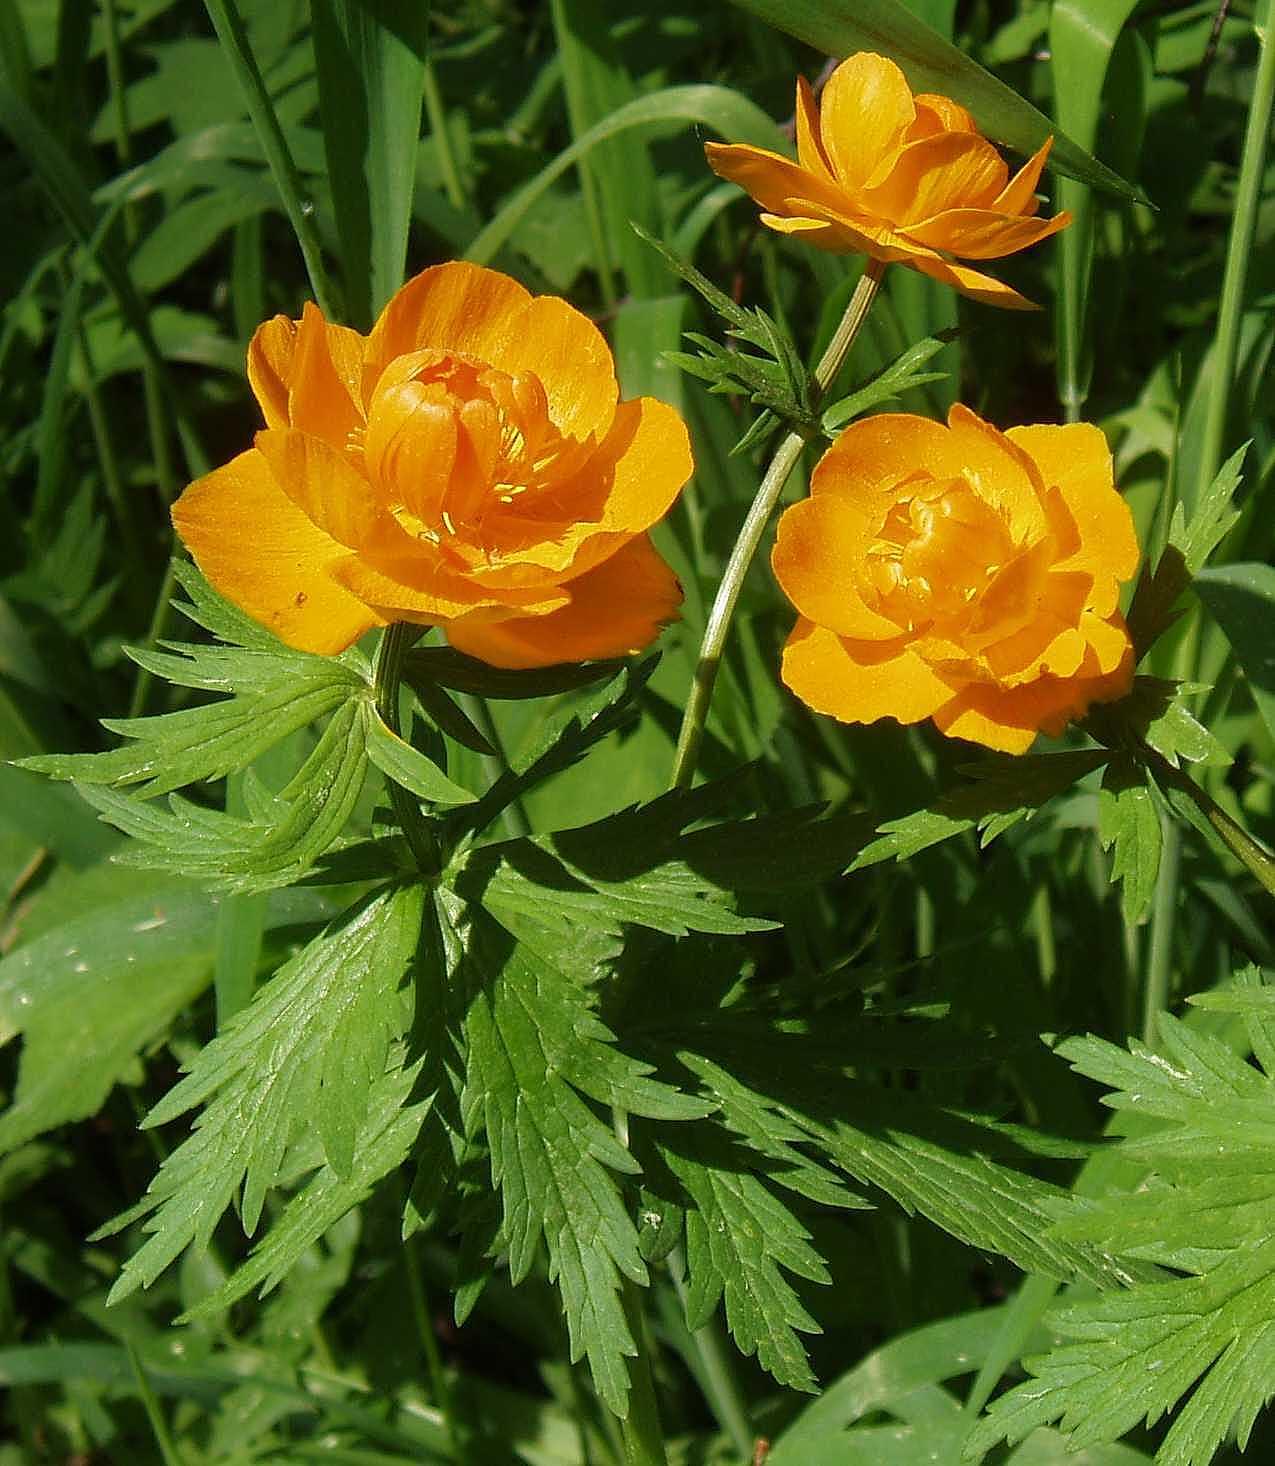 Цветок - купальница: фото и описание, виды растения - общая информация - 2020